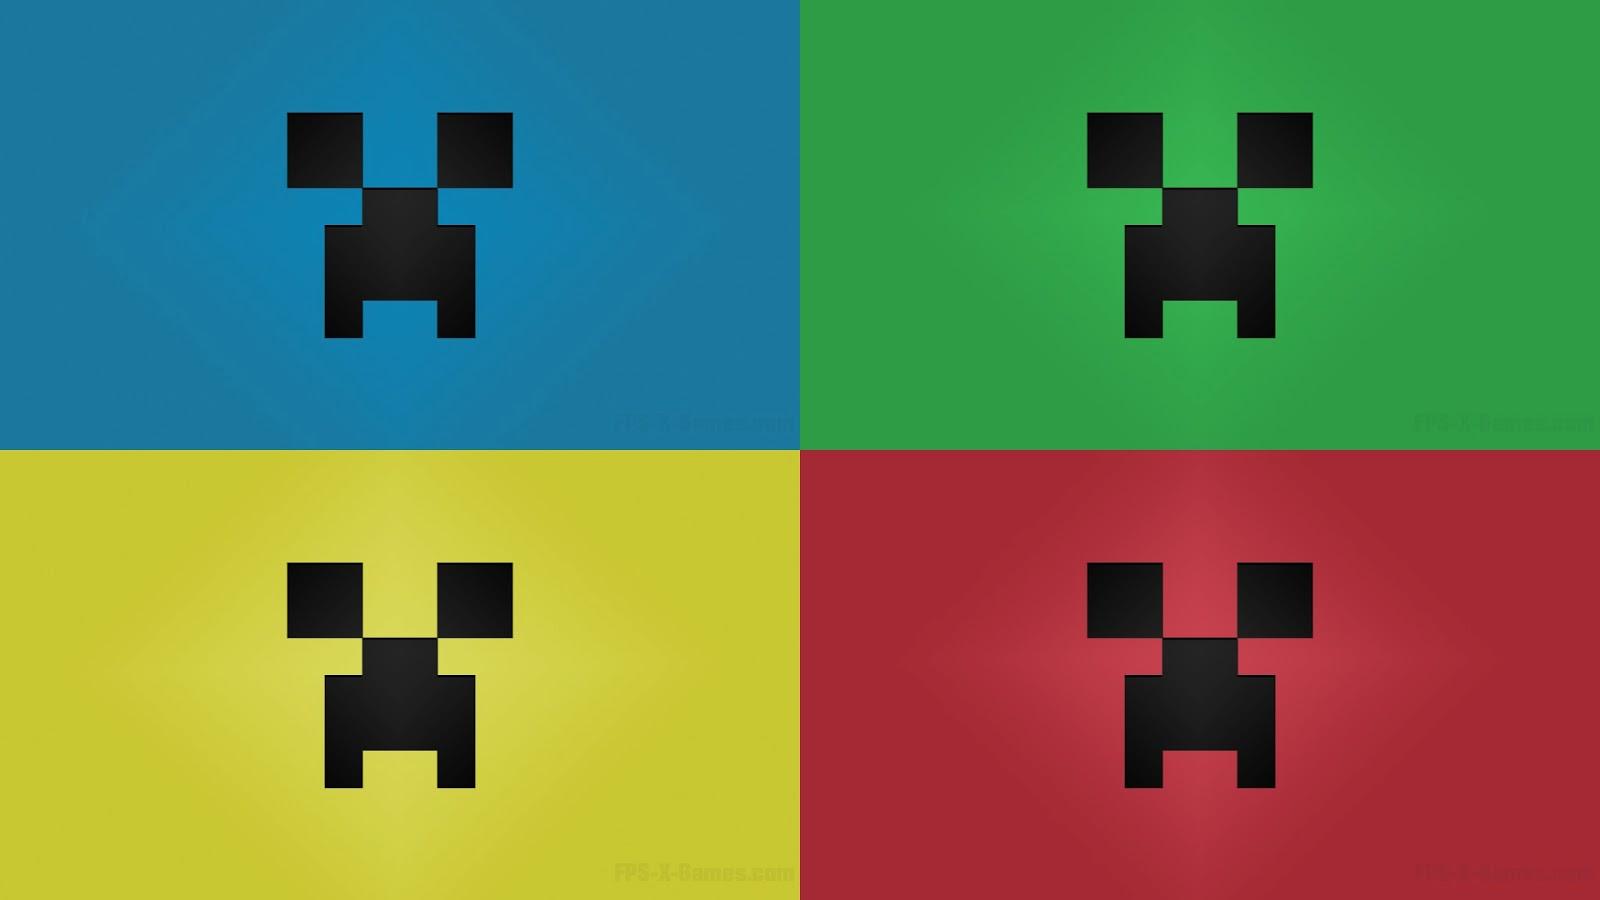 2048 1152 <b>Minecraft Wallpaper</b>